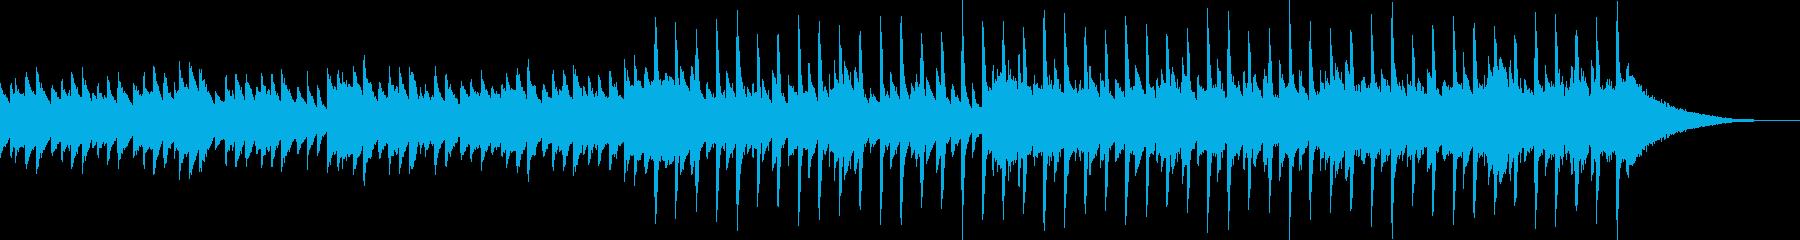 企業VP系56、爽やか、ピアノ4つ打ちbの再生済みの波形